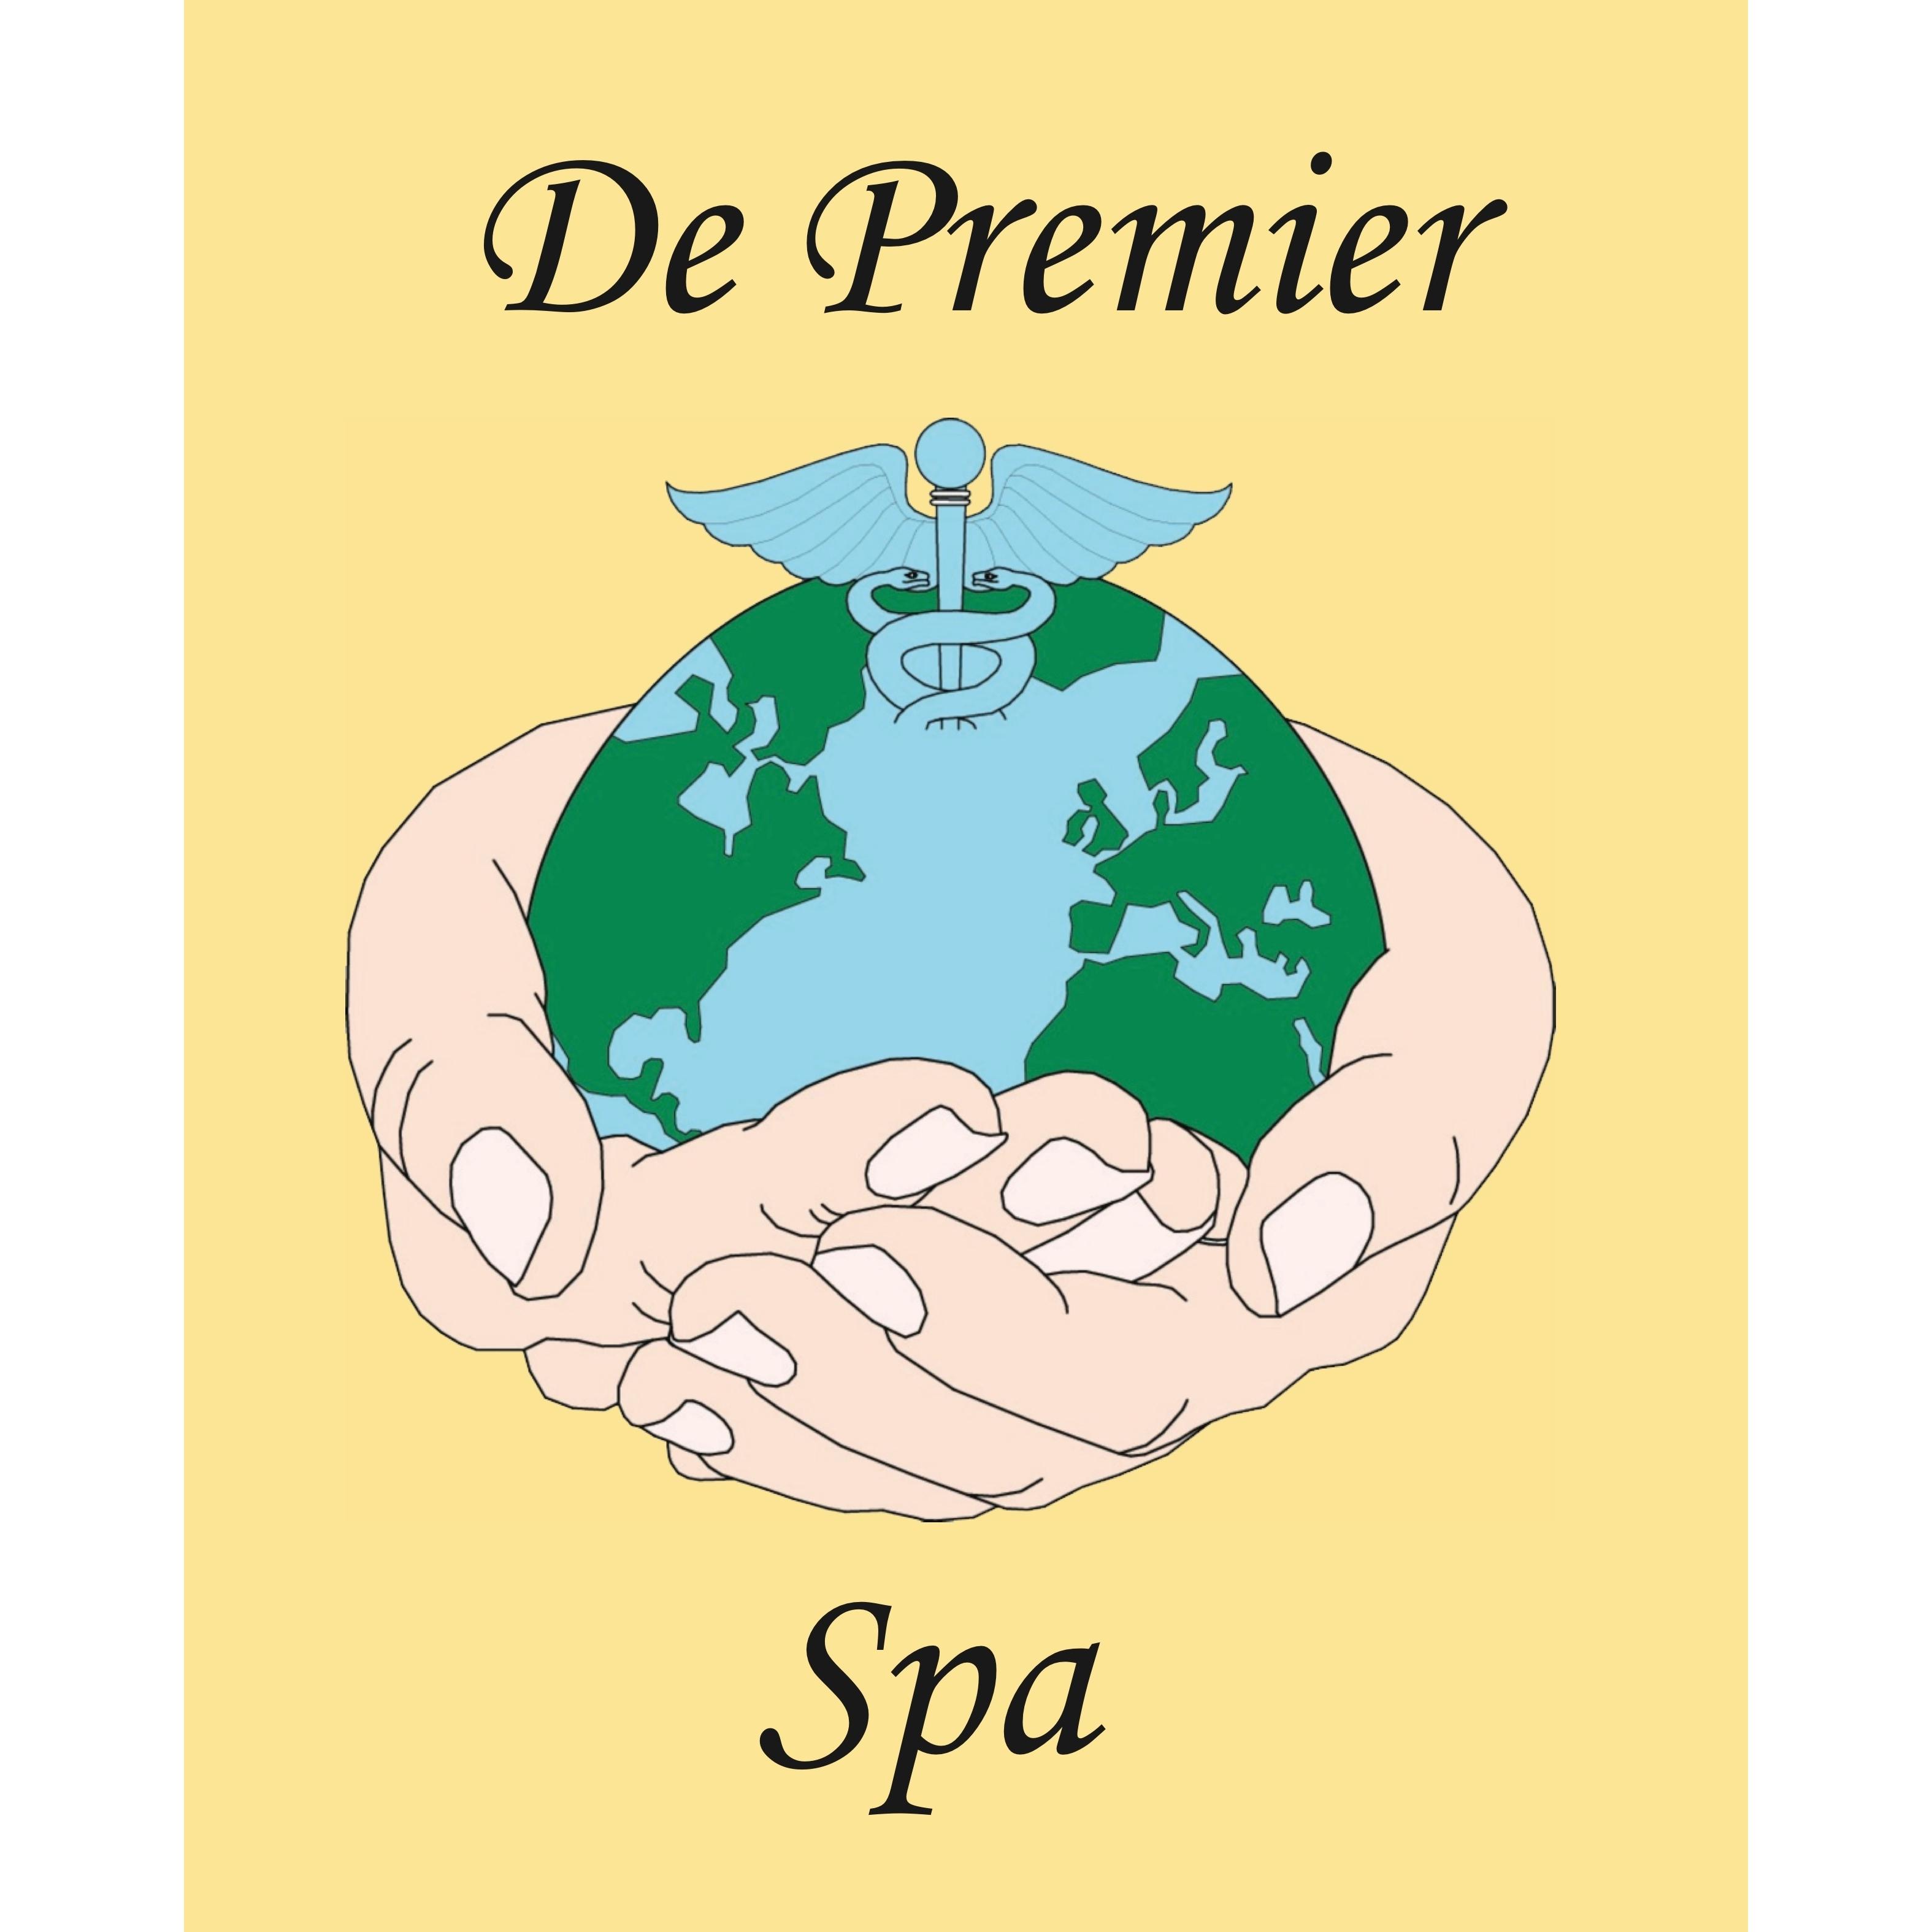 De Premier Spa - Center For Aesthetics And Wellness Spa